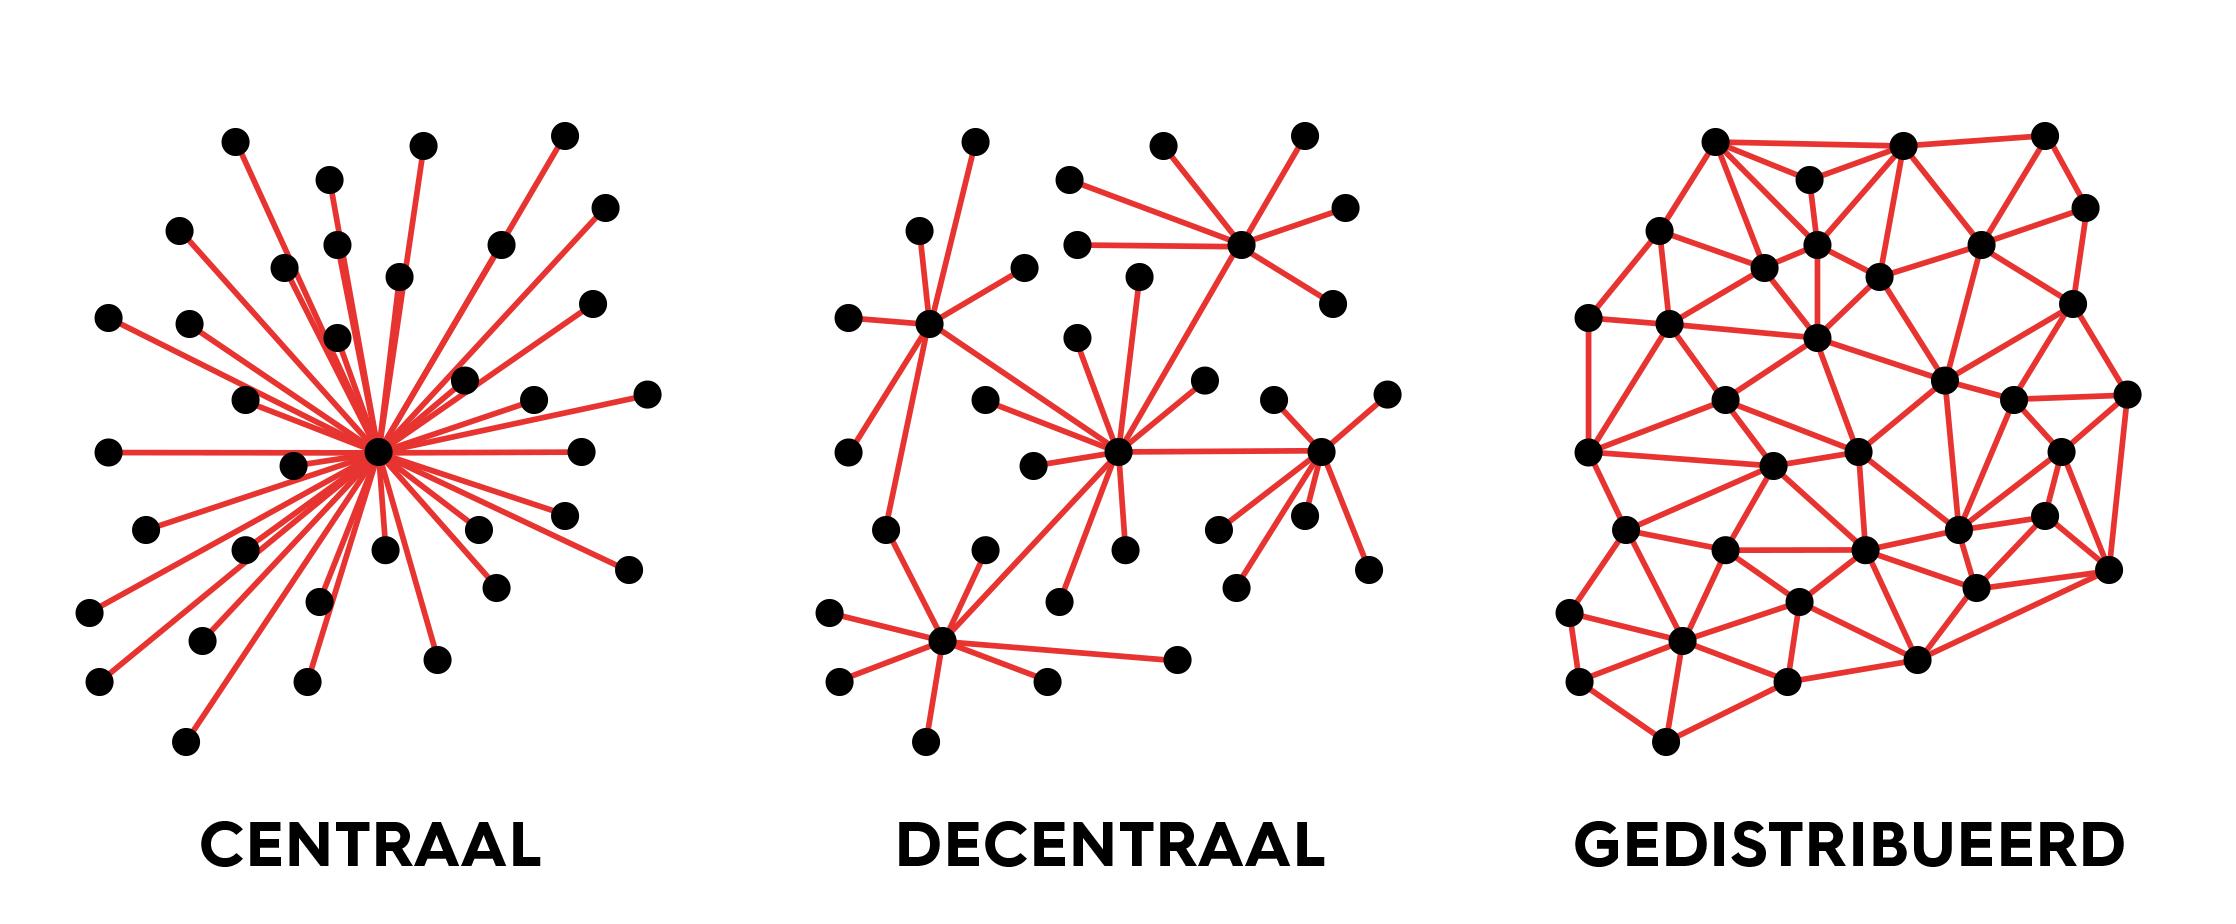 soorten blockchain, centraal, decentraal en gedistribueerd